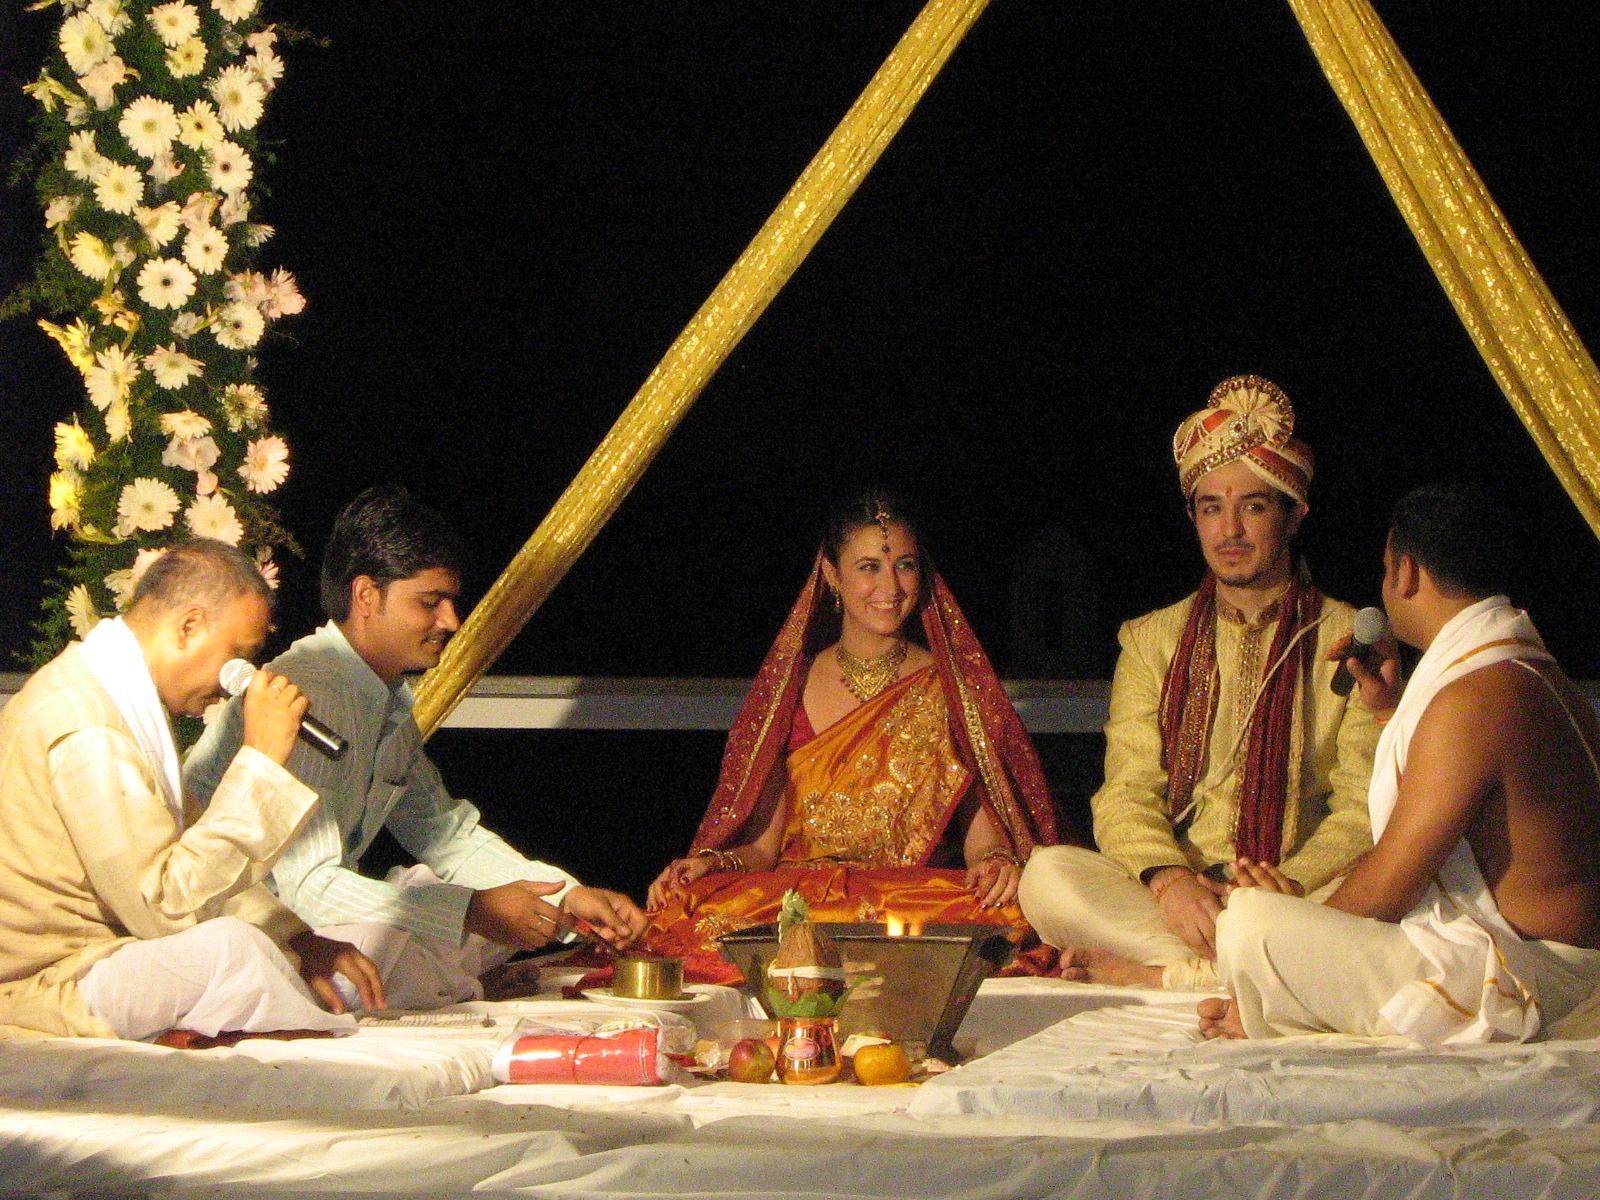 Haciendo el indio en una boda - Haciendo el indio ...